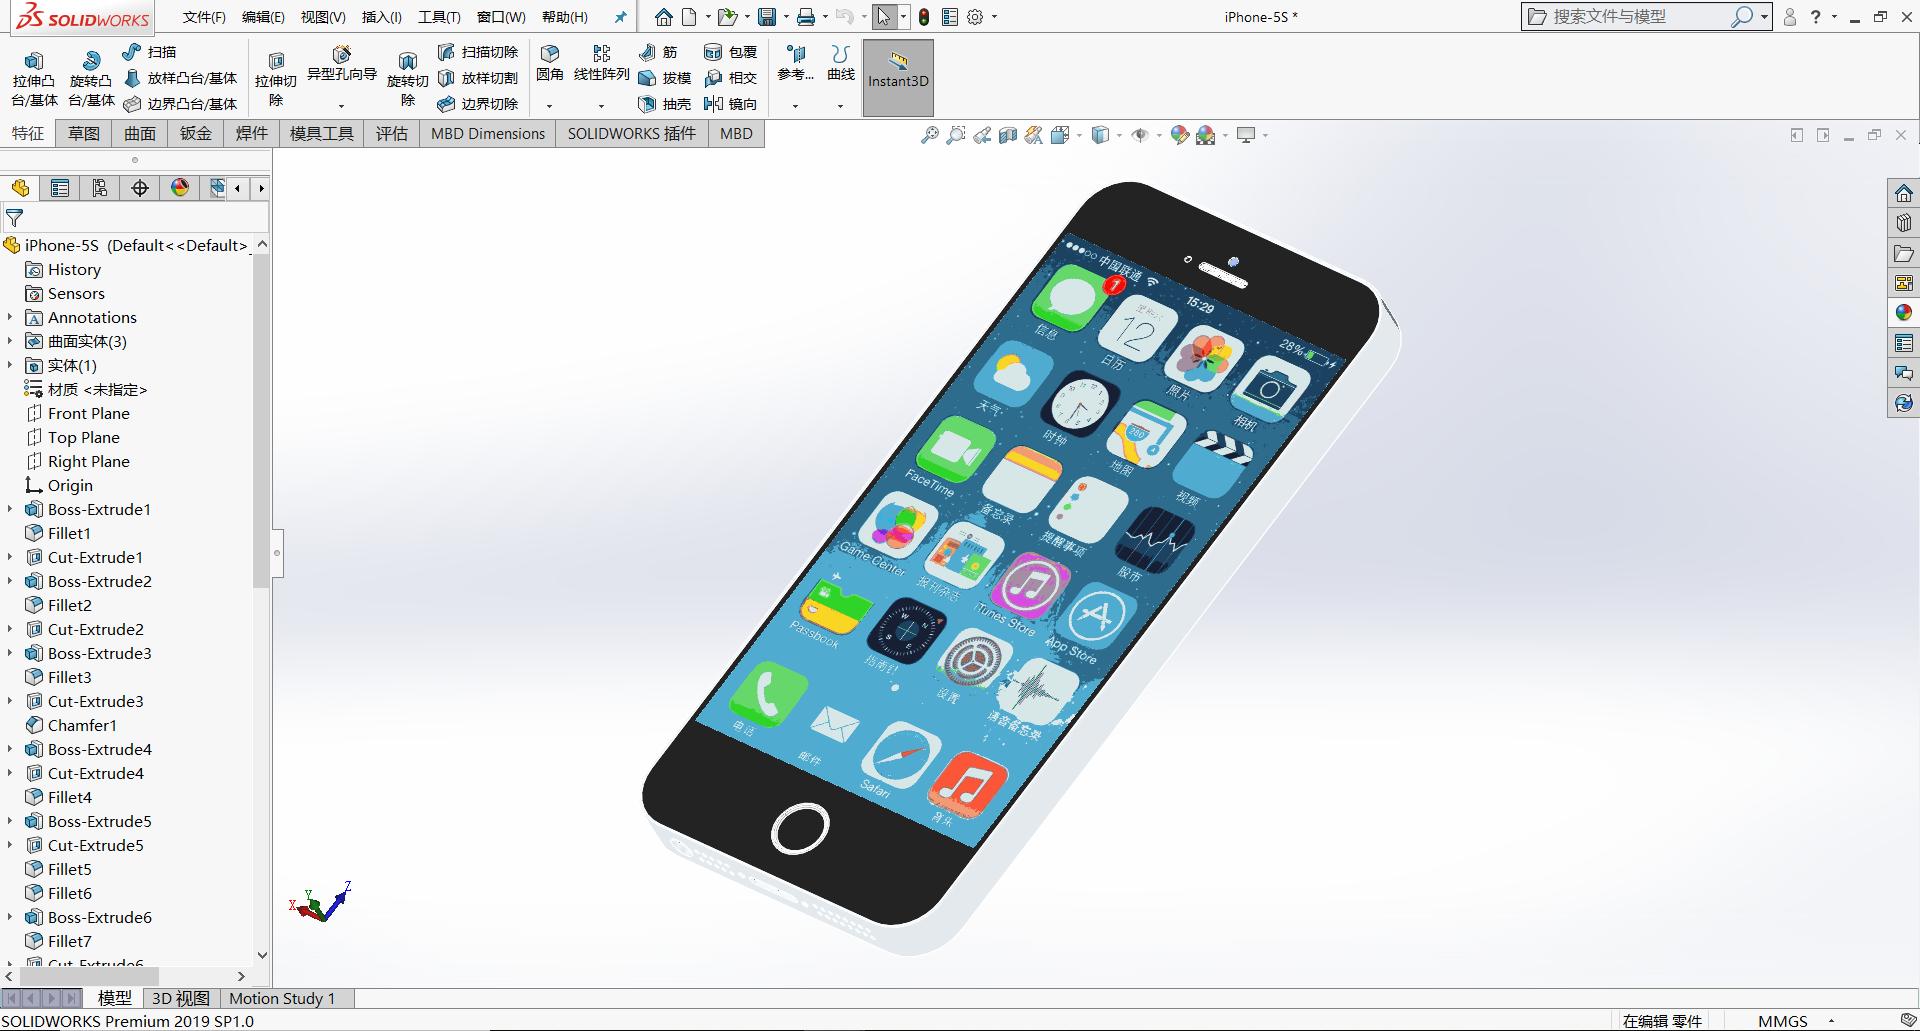 用SolidWorks画iPhone5s